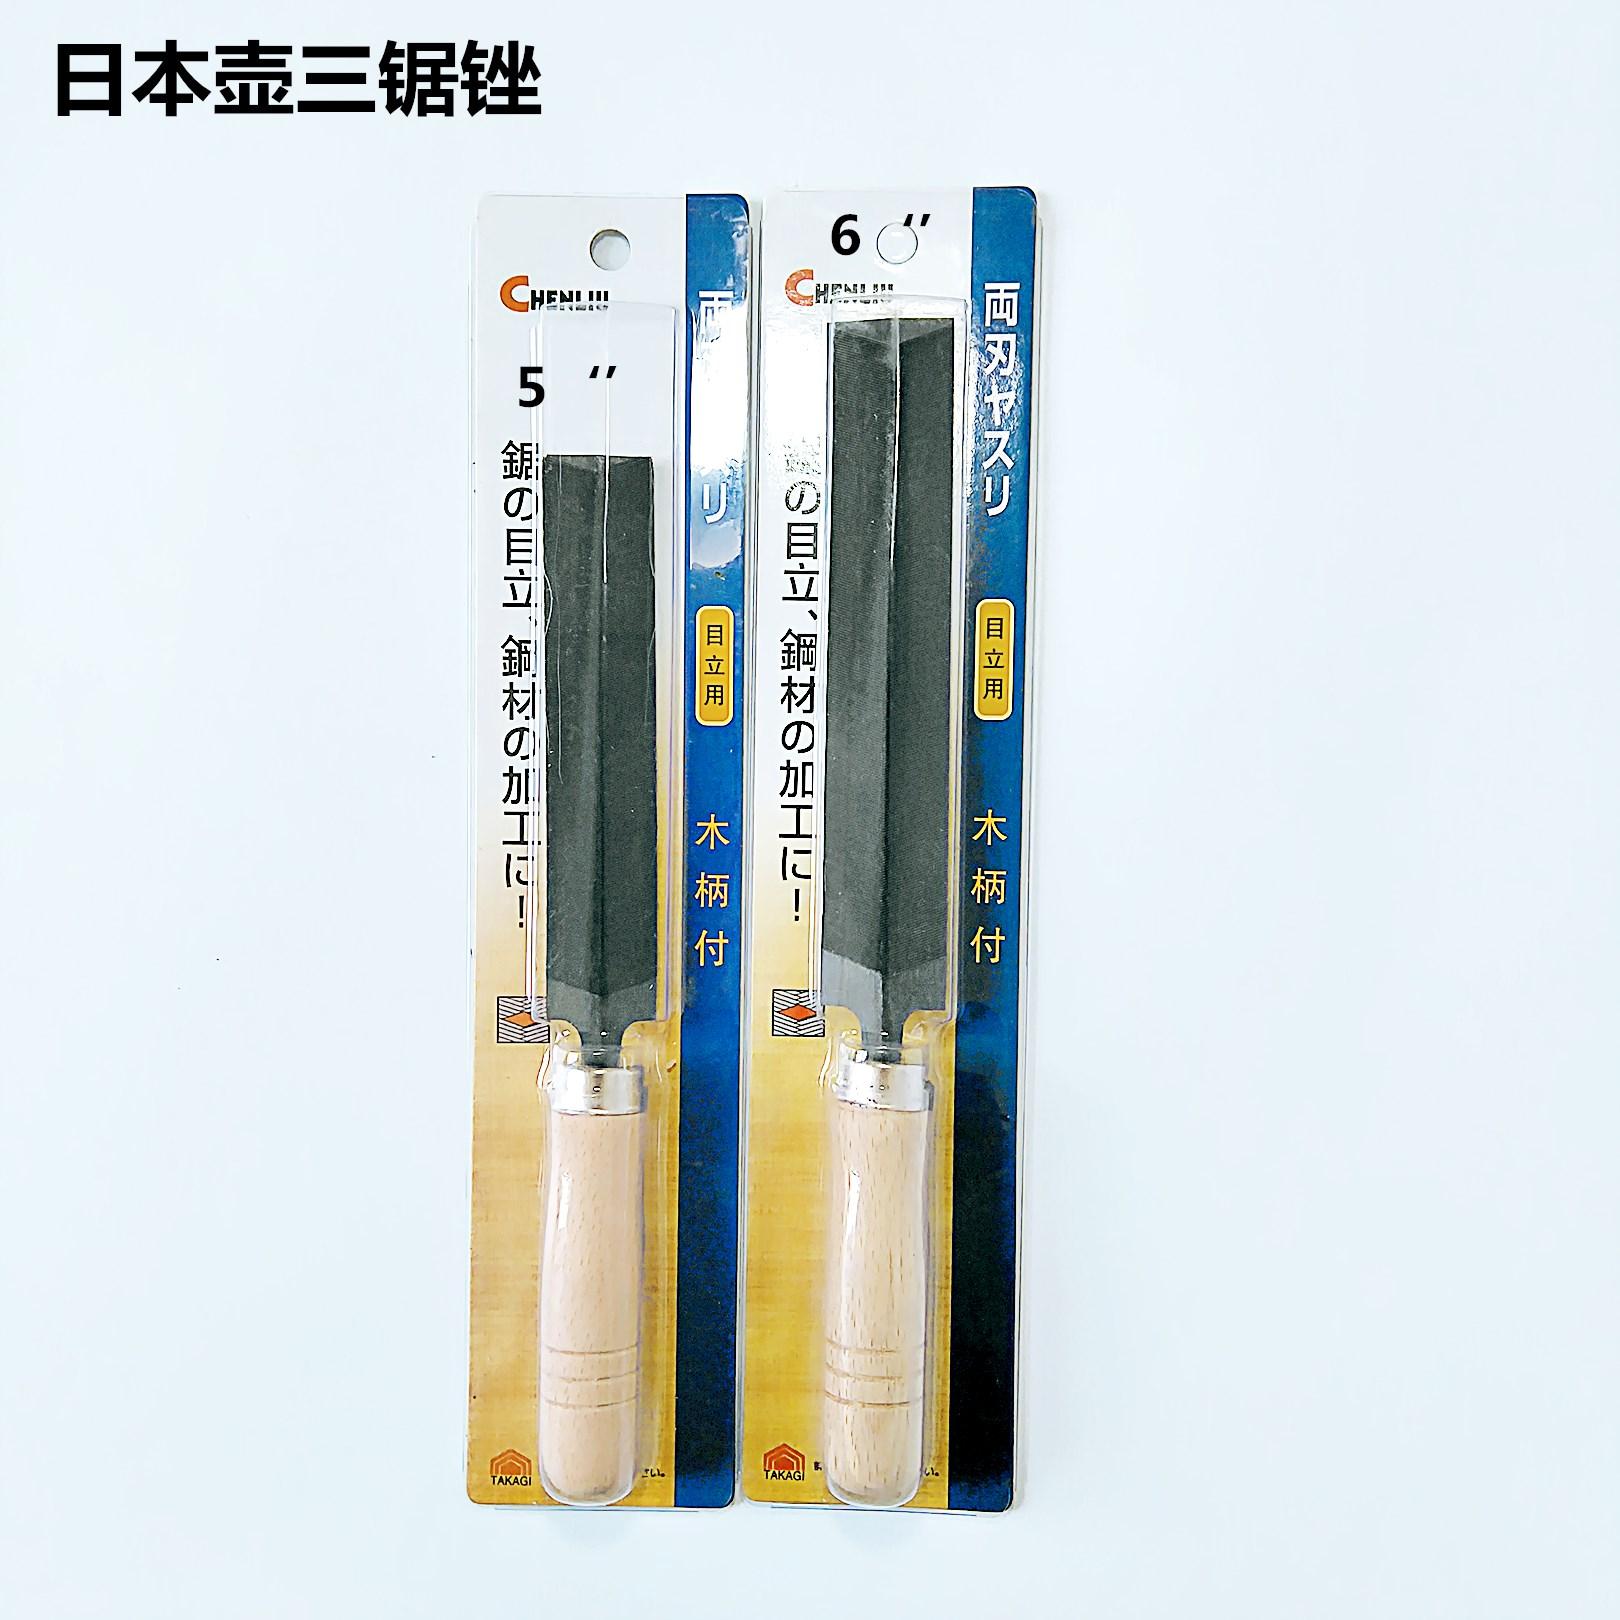 【包邮】日本锯锉菱形锯锉锉刀进口锉刀刀锉木工锯锉刀锯子锉